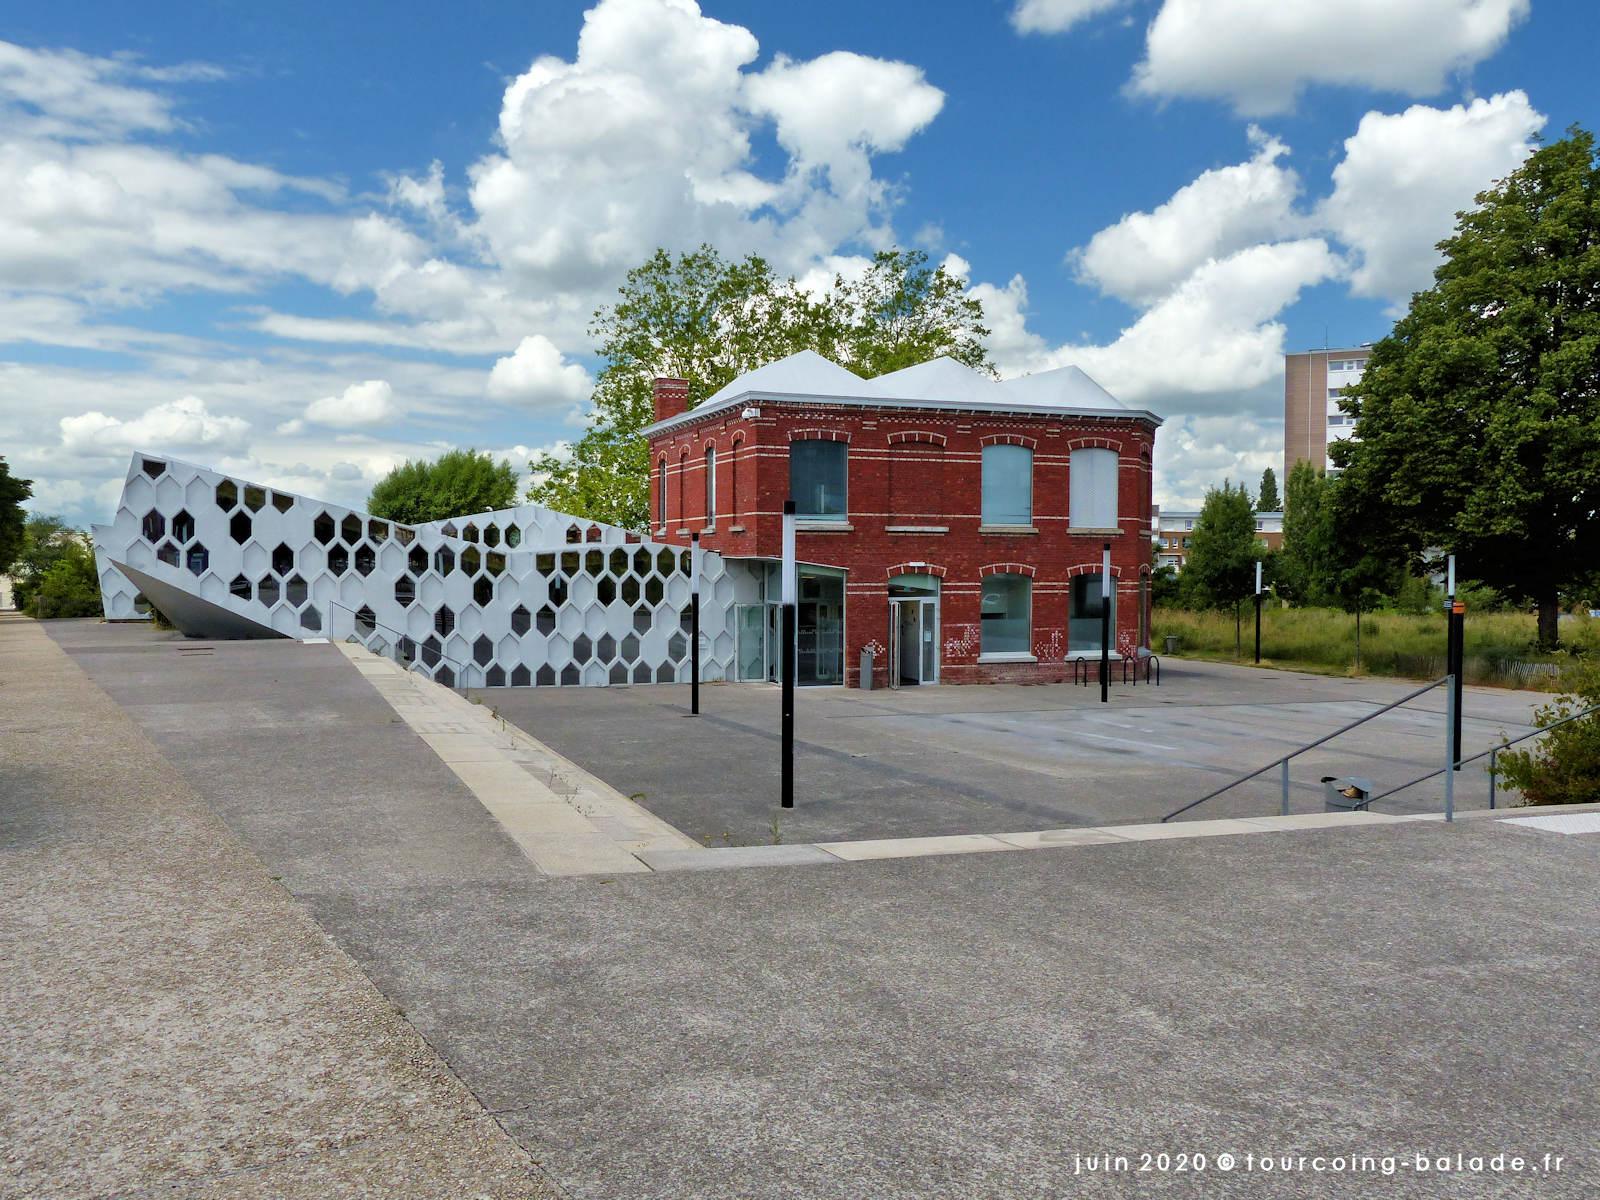 Médiathèque municipale Andrée Chedid, Tourcoing 2020